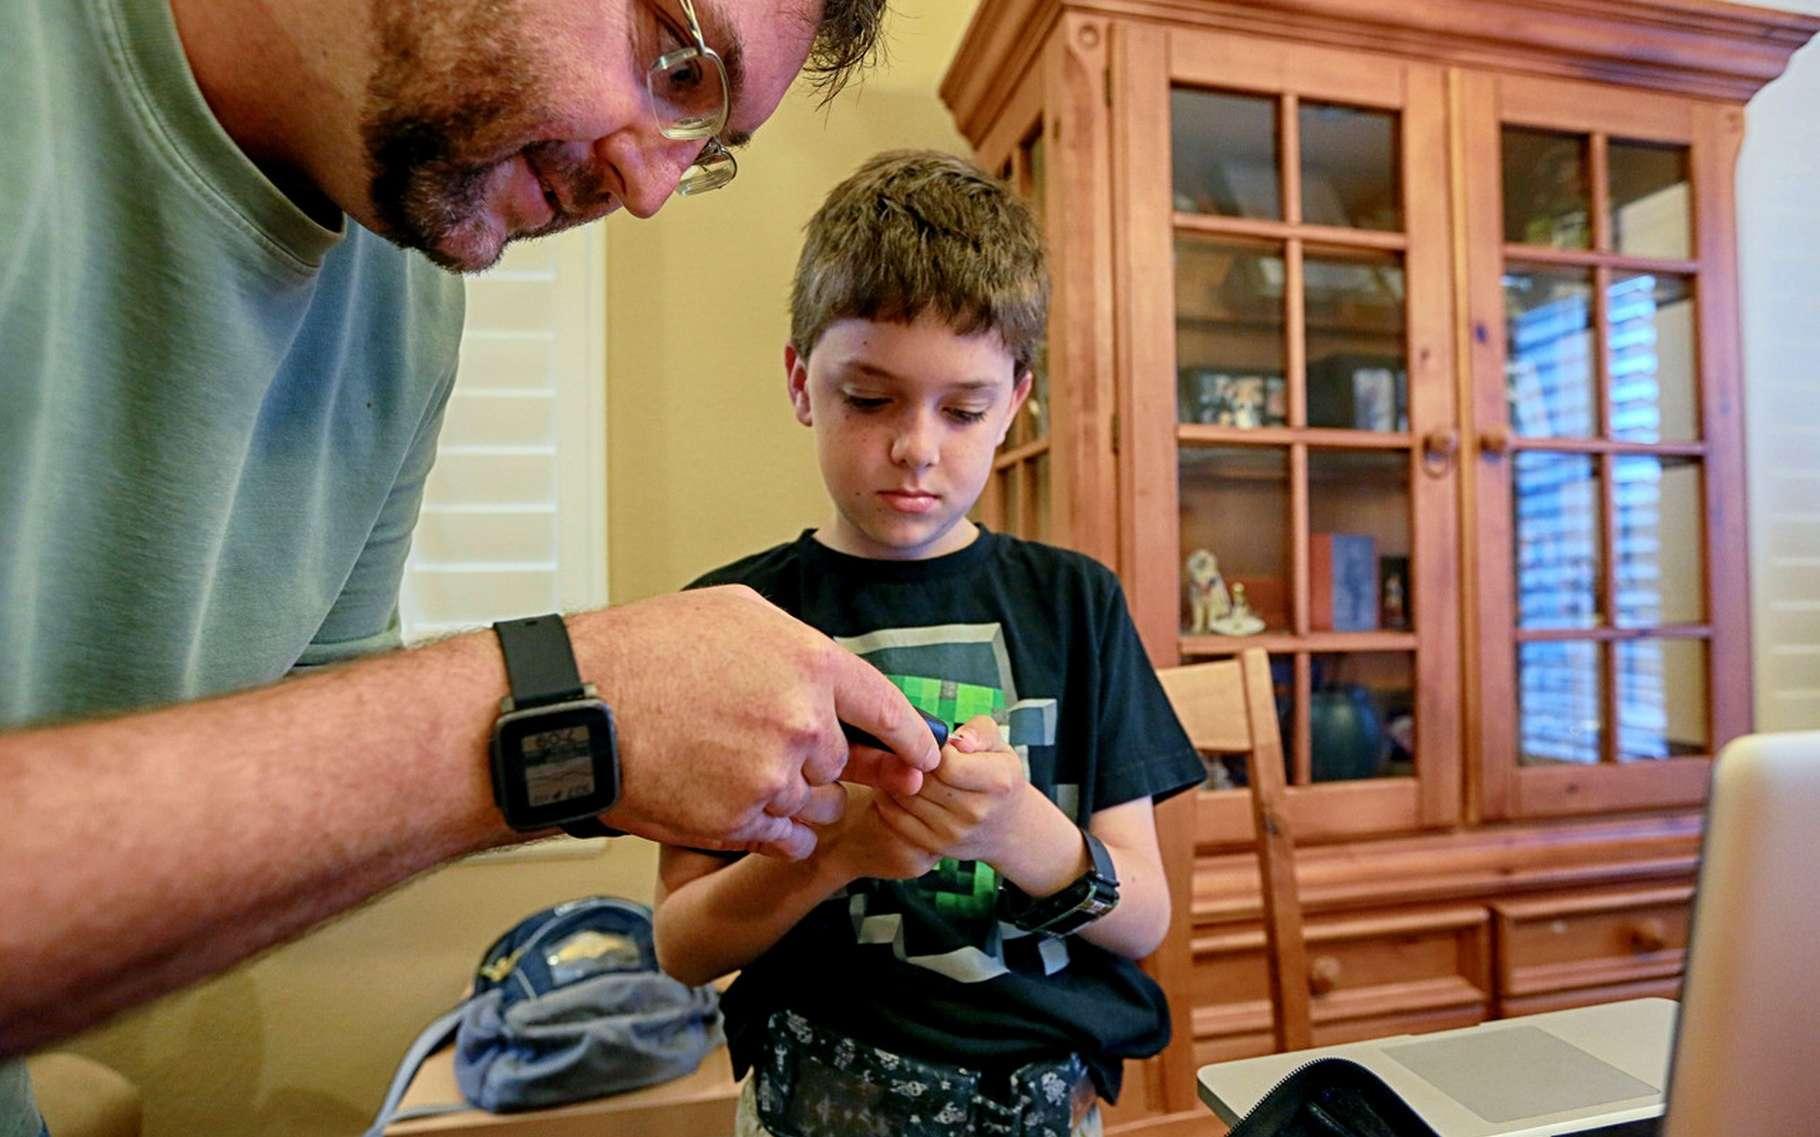 Andrew Calabrese et son papa Jason. Cet ingénieur en informatique a fabriqué un pancréas artificiel pour son enfant à partir de plans open source. © Sandy Huffaker, Wall Street Journal